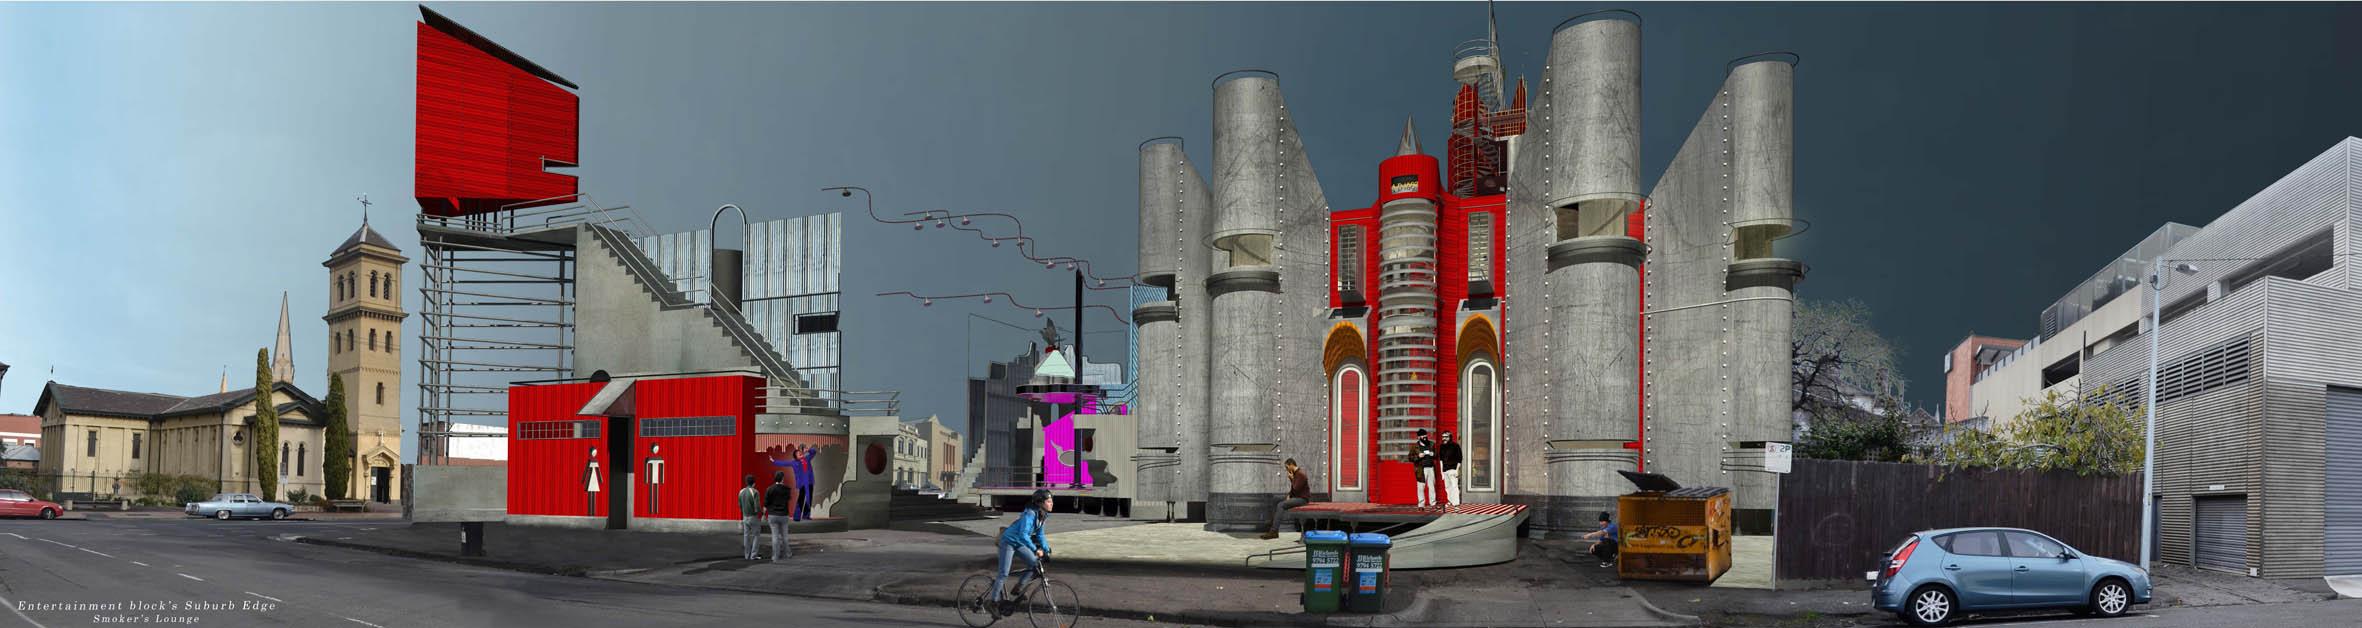 Bahman-Andalib-Graduate-Project-2014 (8)